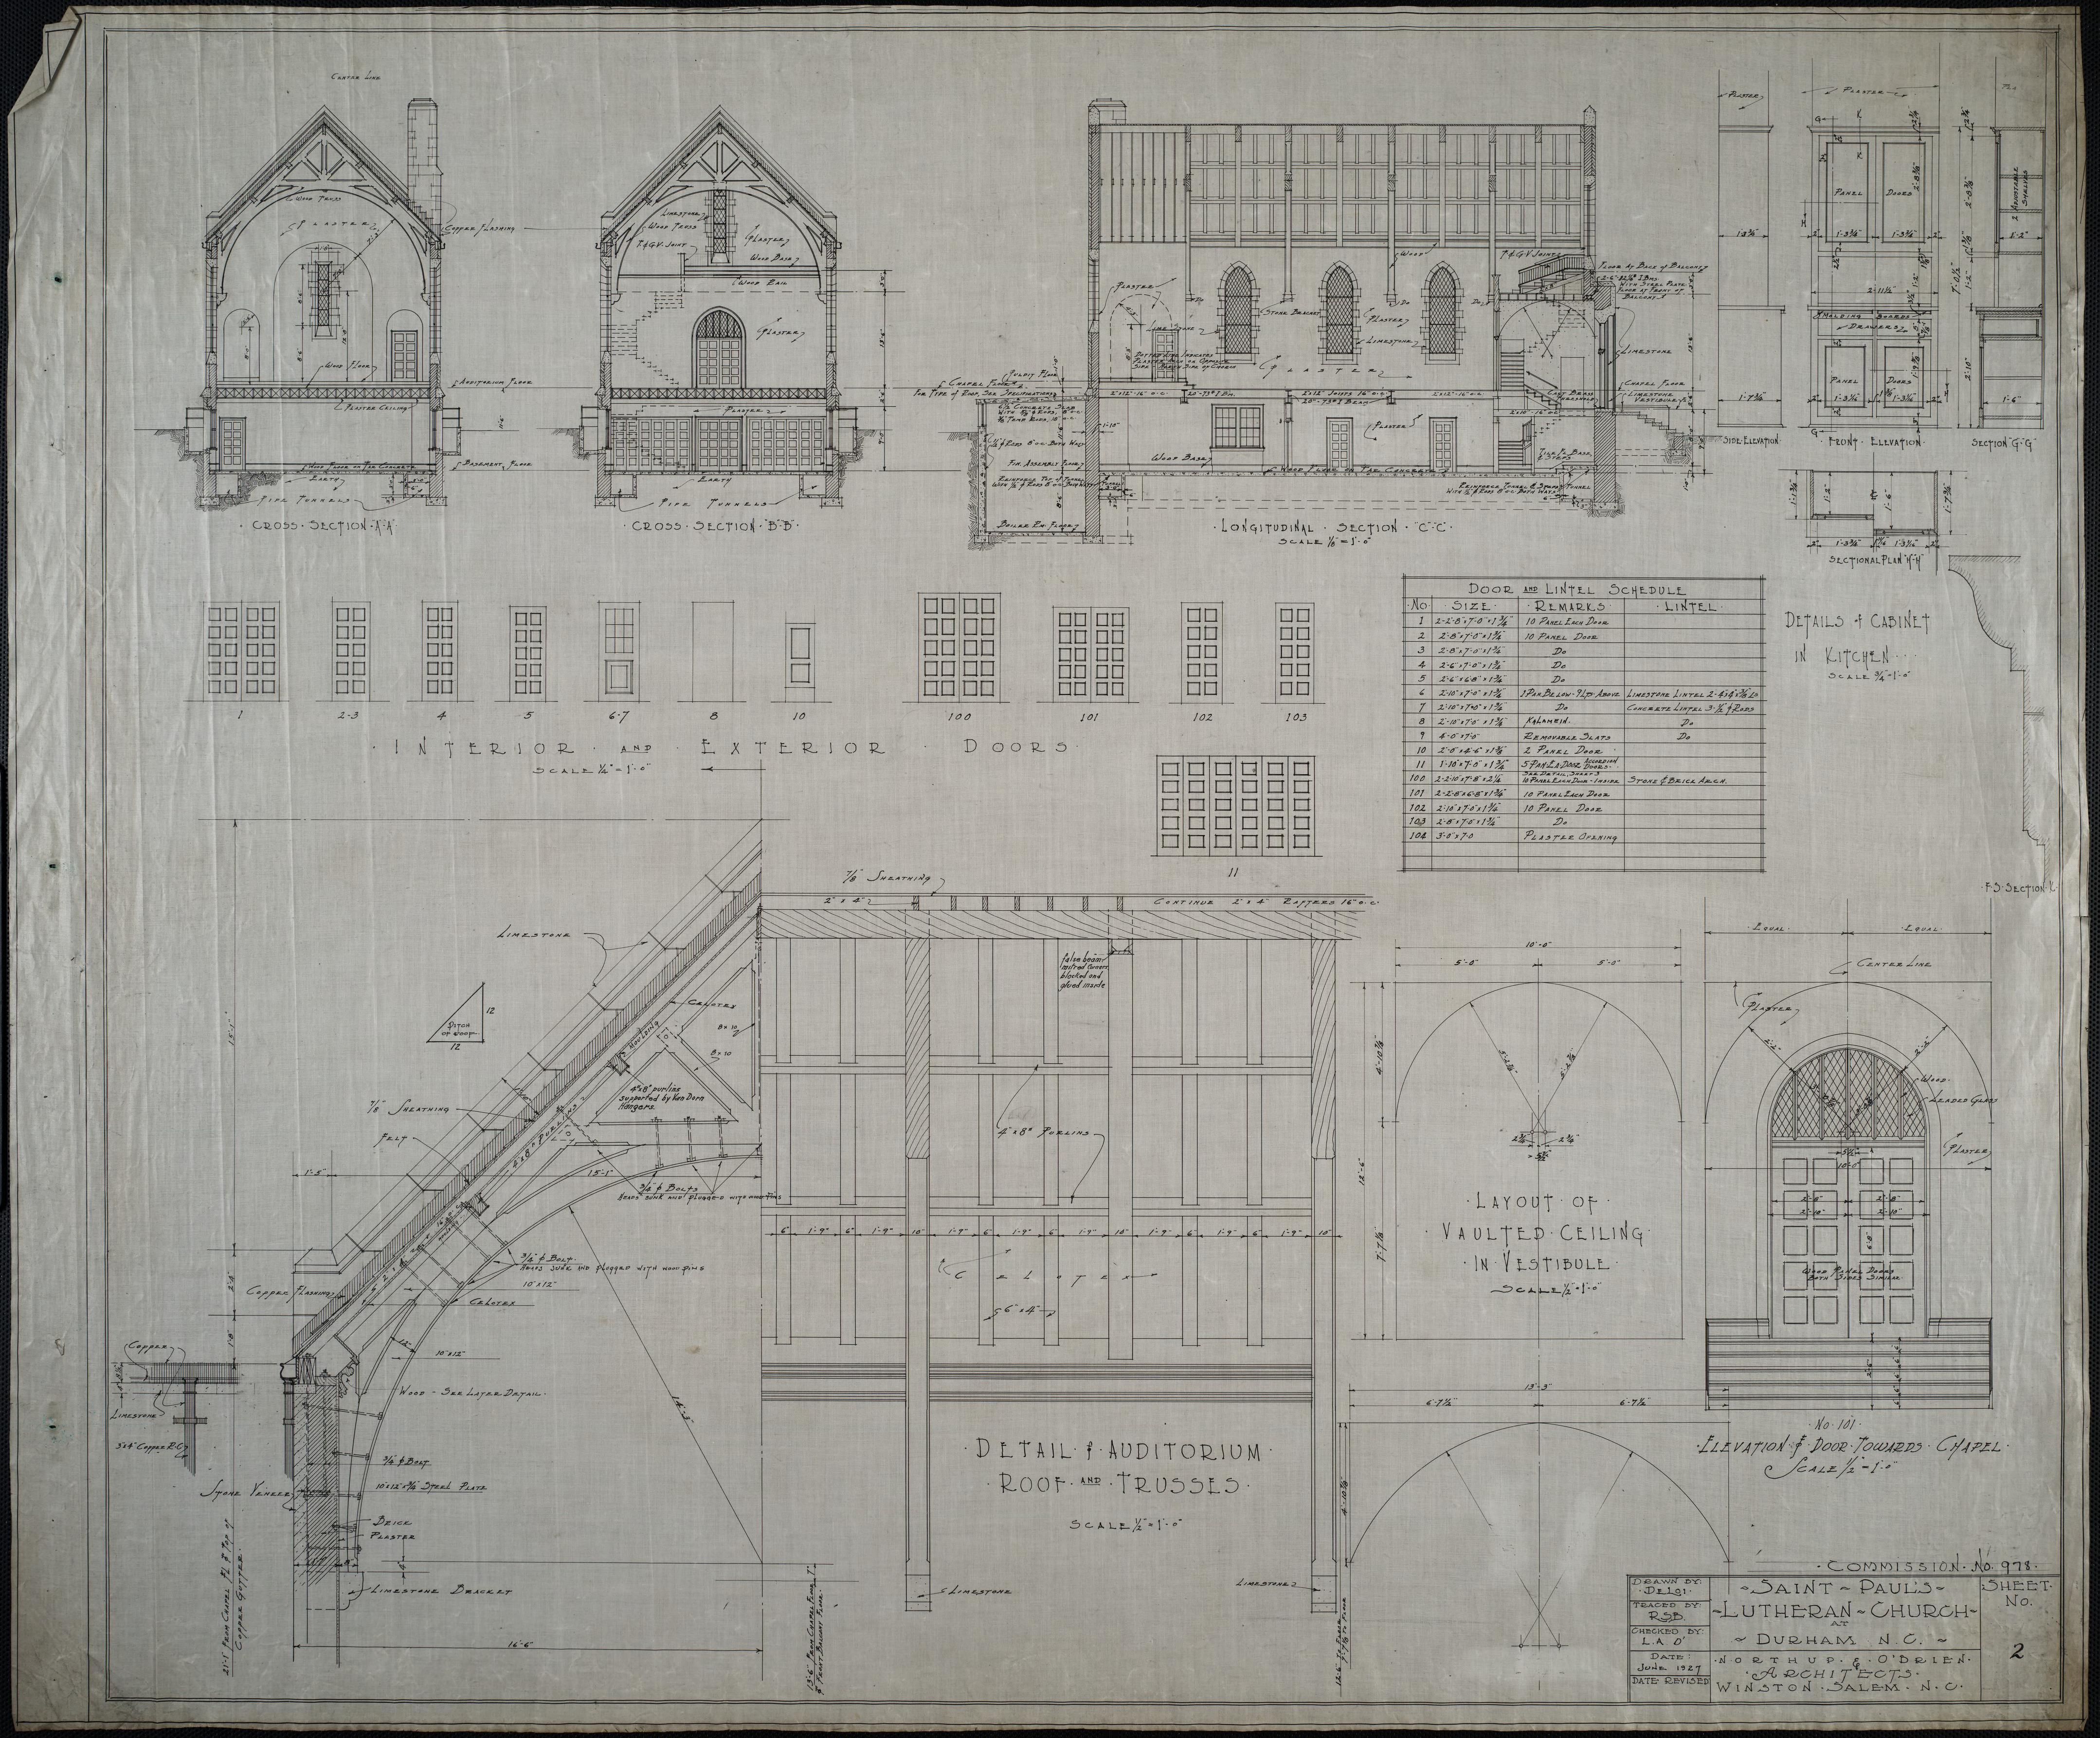 Church Auditorium Drawings Detail of Auditorium Roof